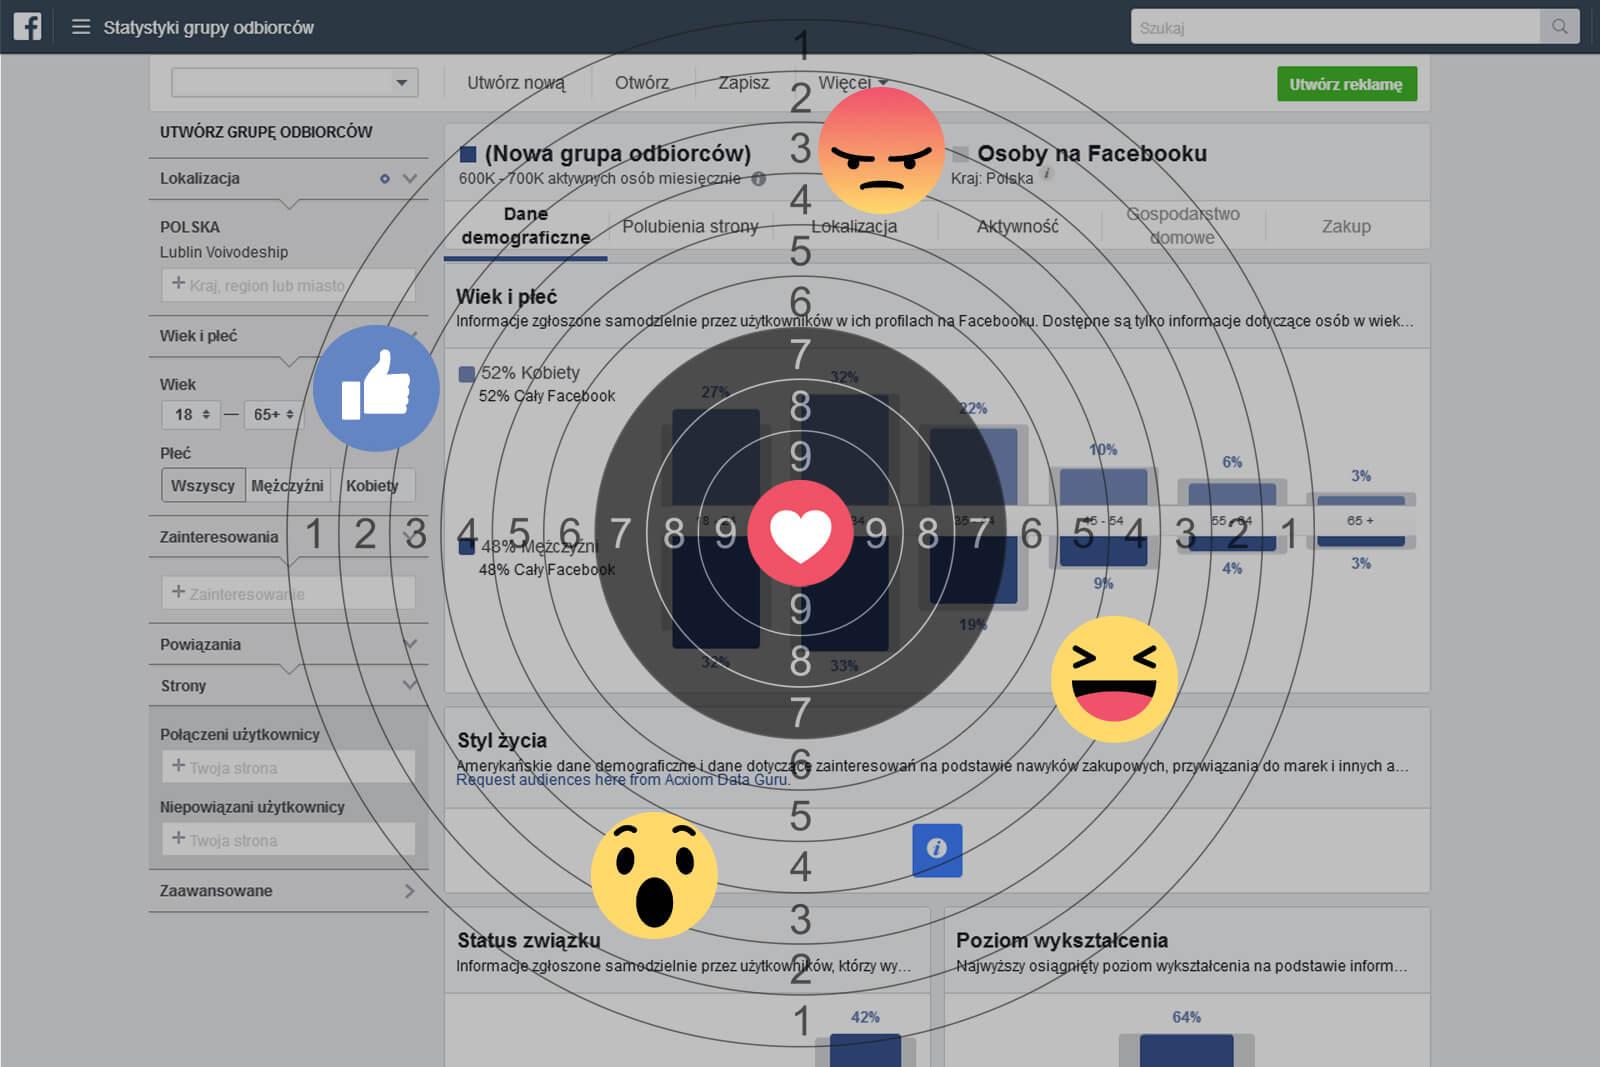 Mieszkańcy województwa lubelskiego na Facebooku - Audience Insights - Statystyki grupy odbiorców